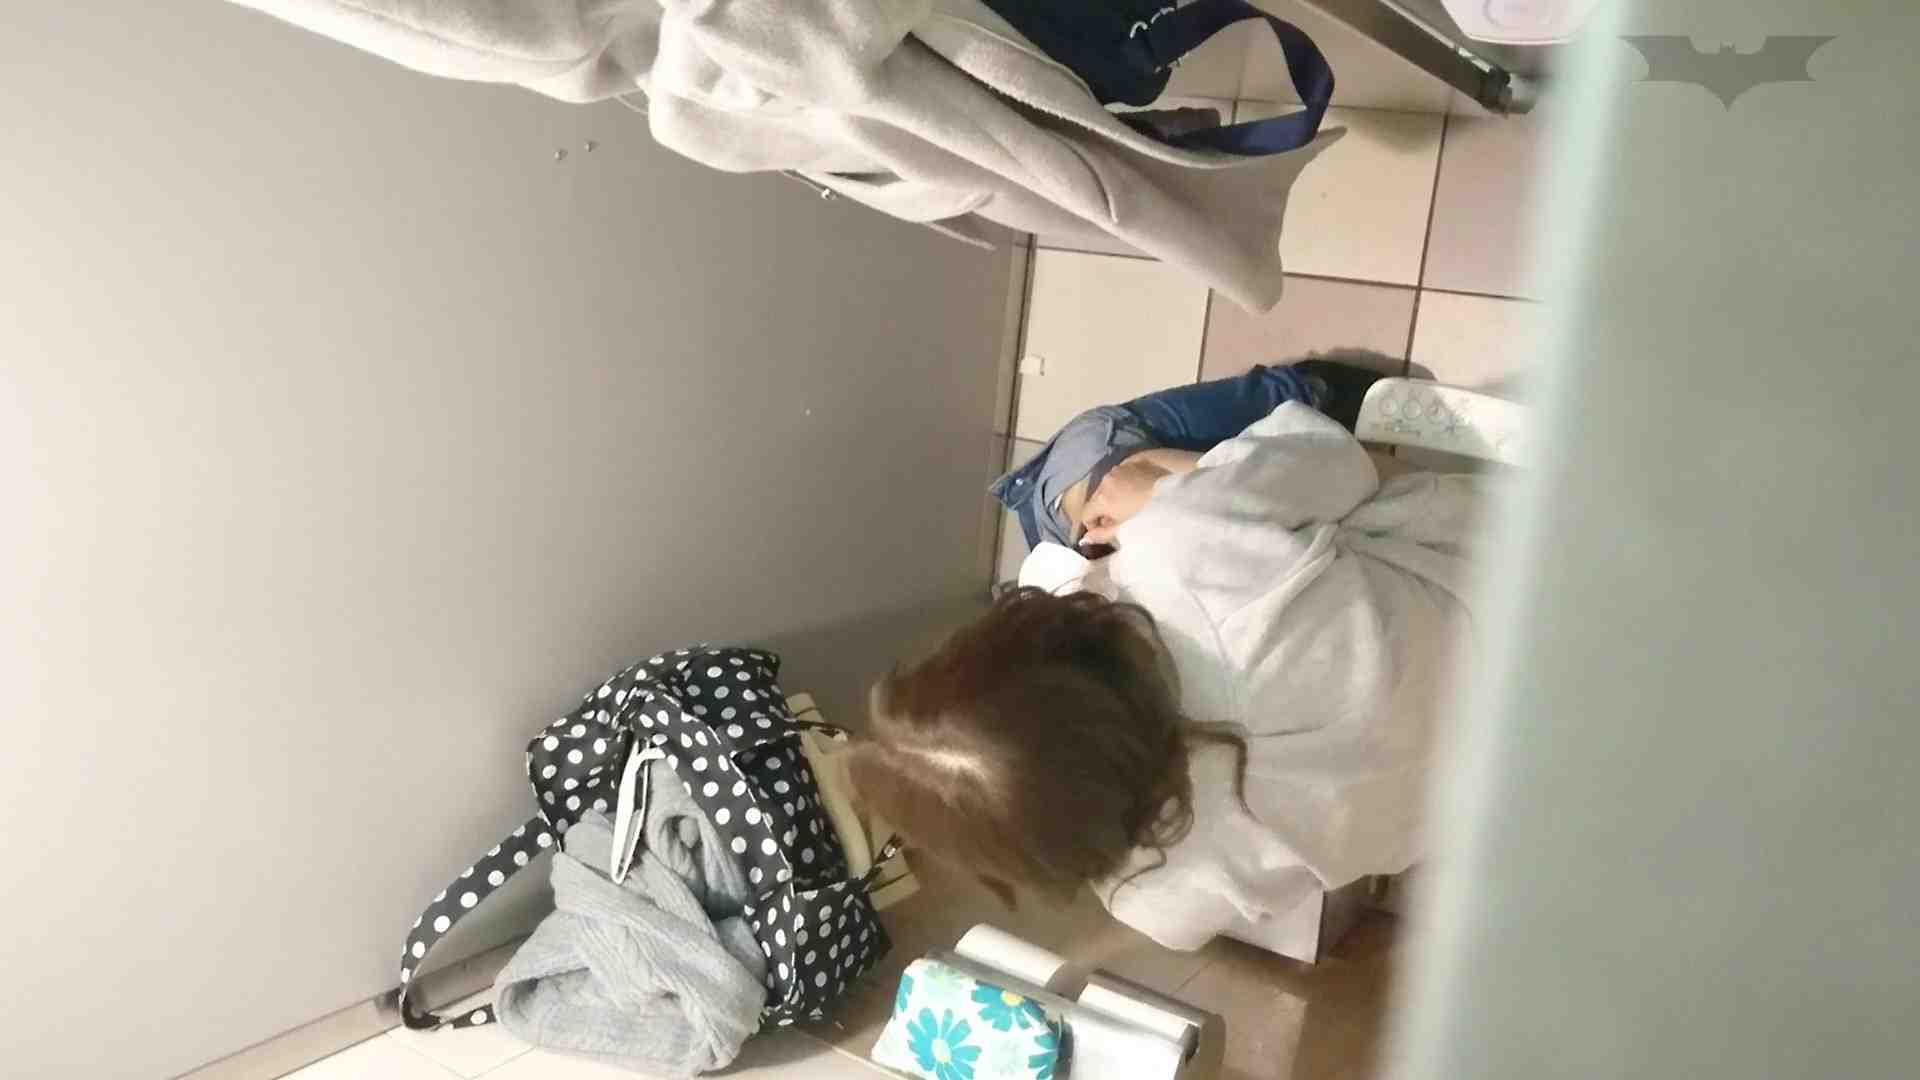 無修正エロ動画|化粧室絵巻 ショッピングモール編 VOL.11|怪盗ジョーカー